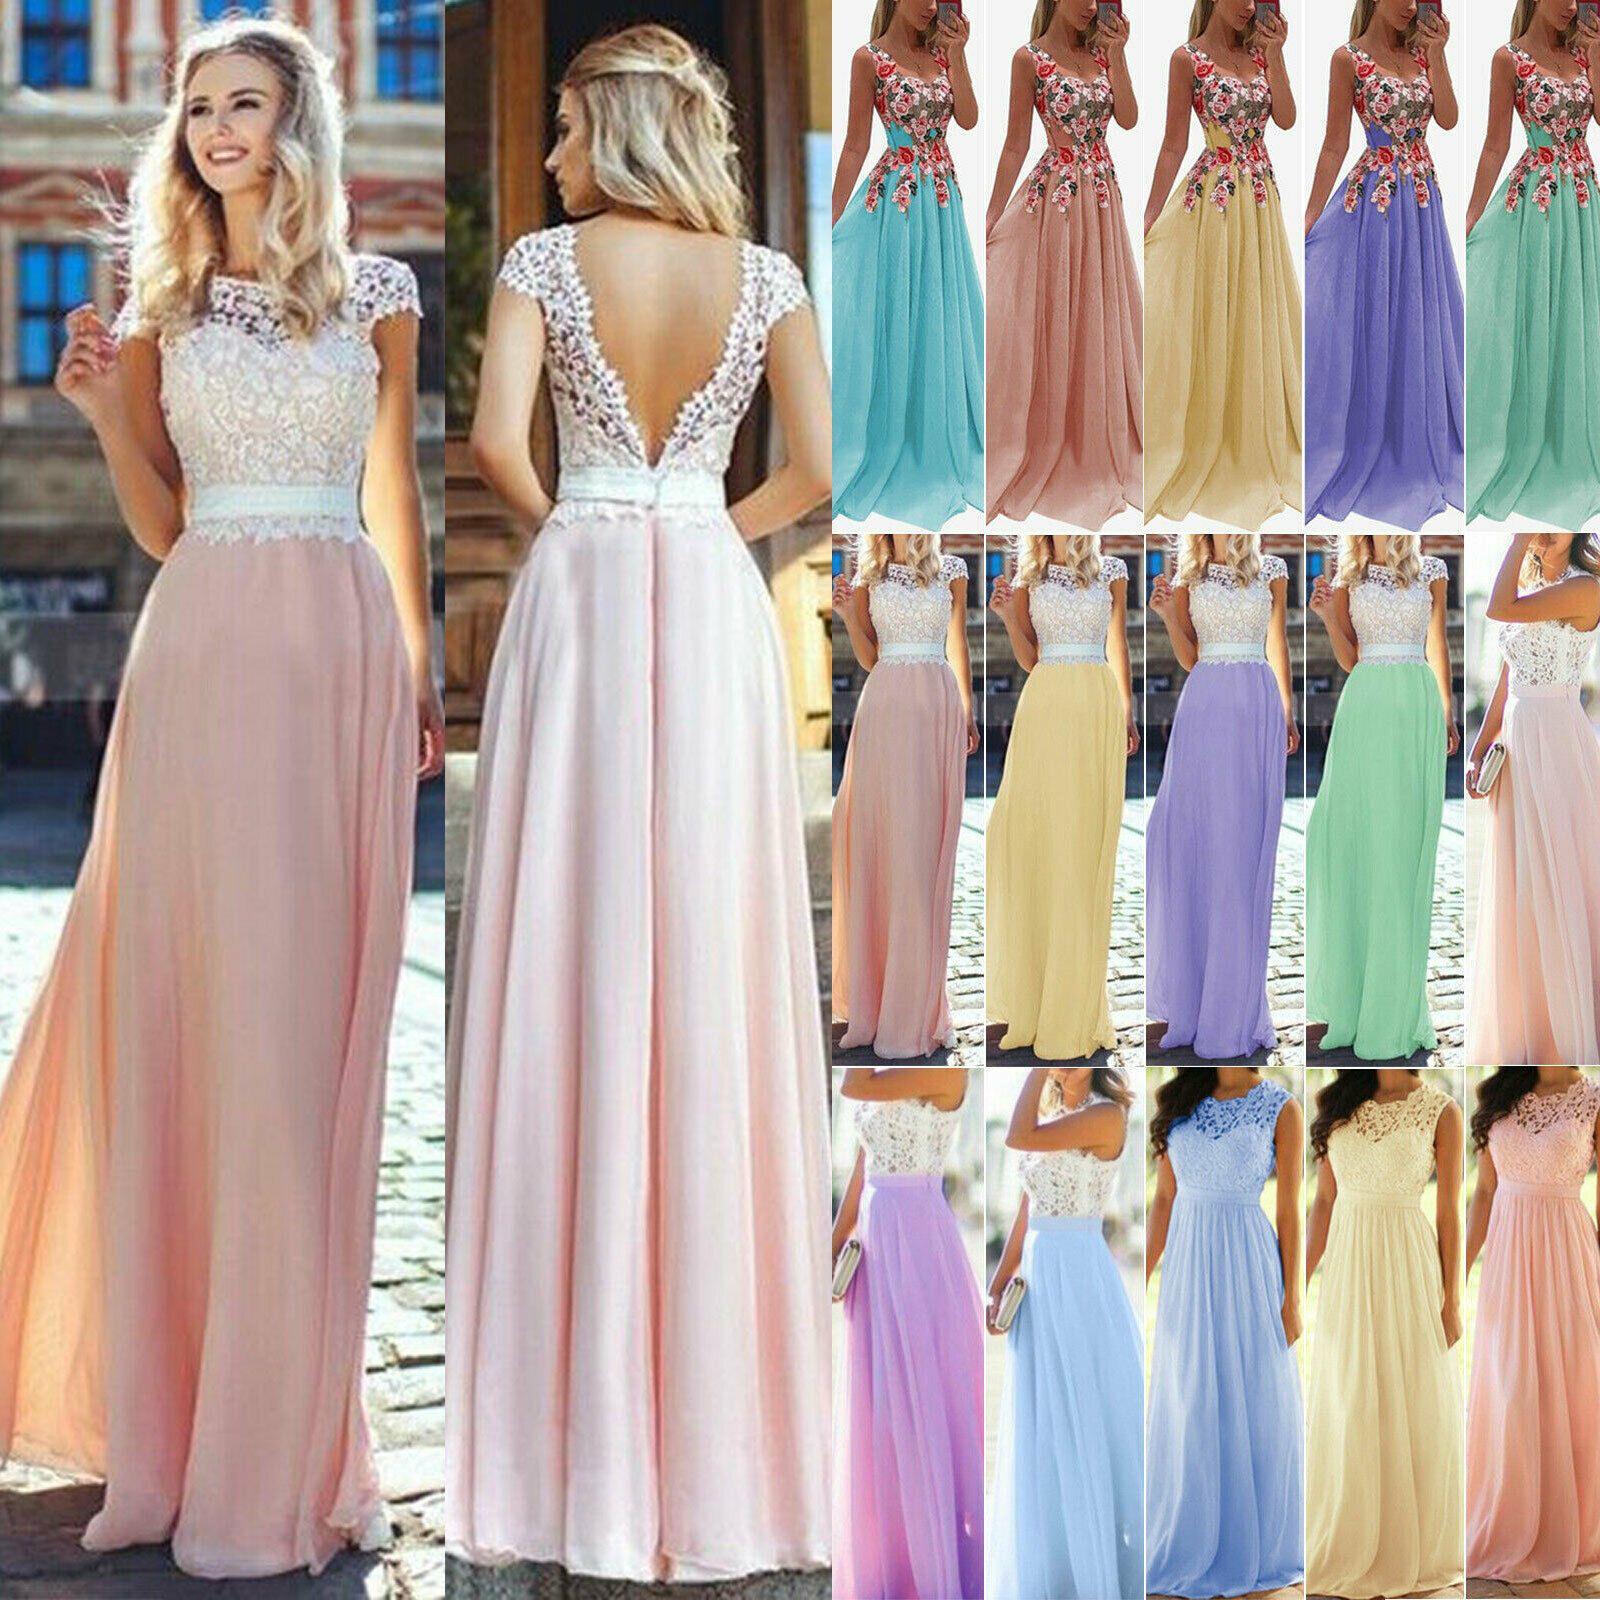 15 Großartig Lange Kleider Für Hochzeit Boutique20 Wunderbar Lange Kleider Für Hochzeit Bester Preis